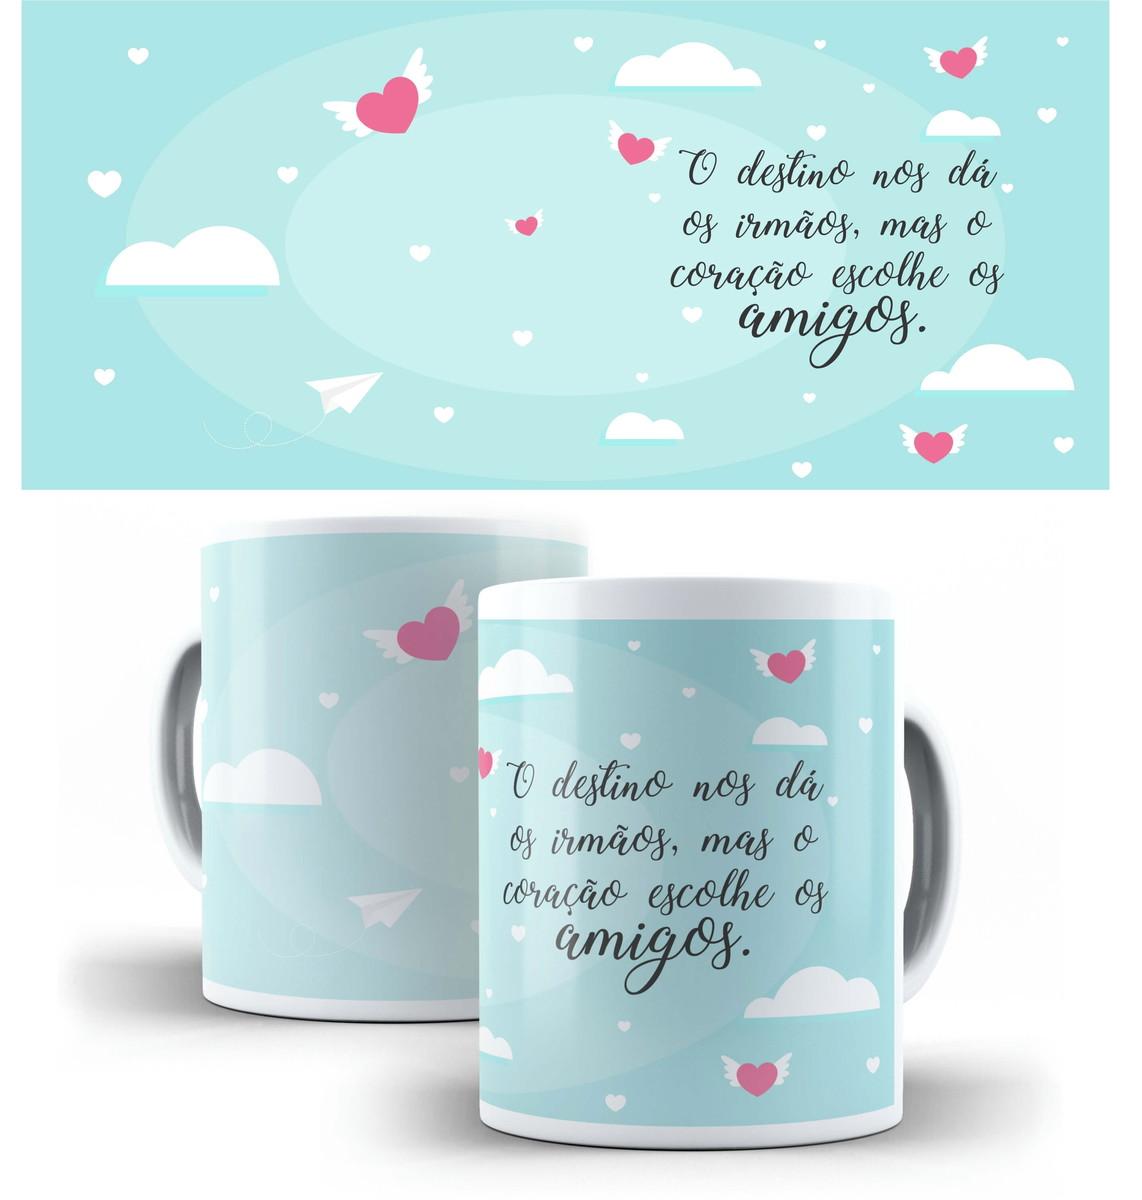 Caneca De Porcelana Frases Motivacionais 3